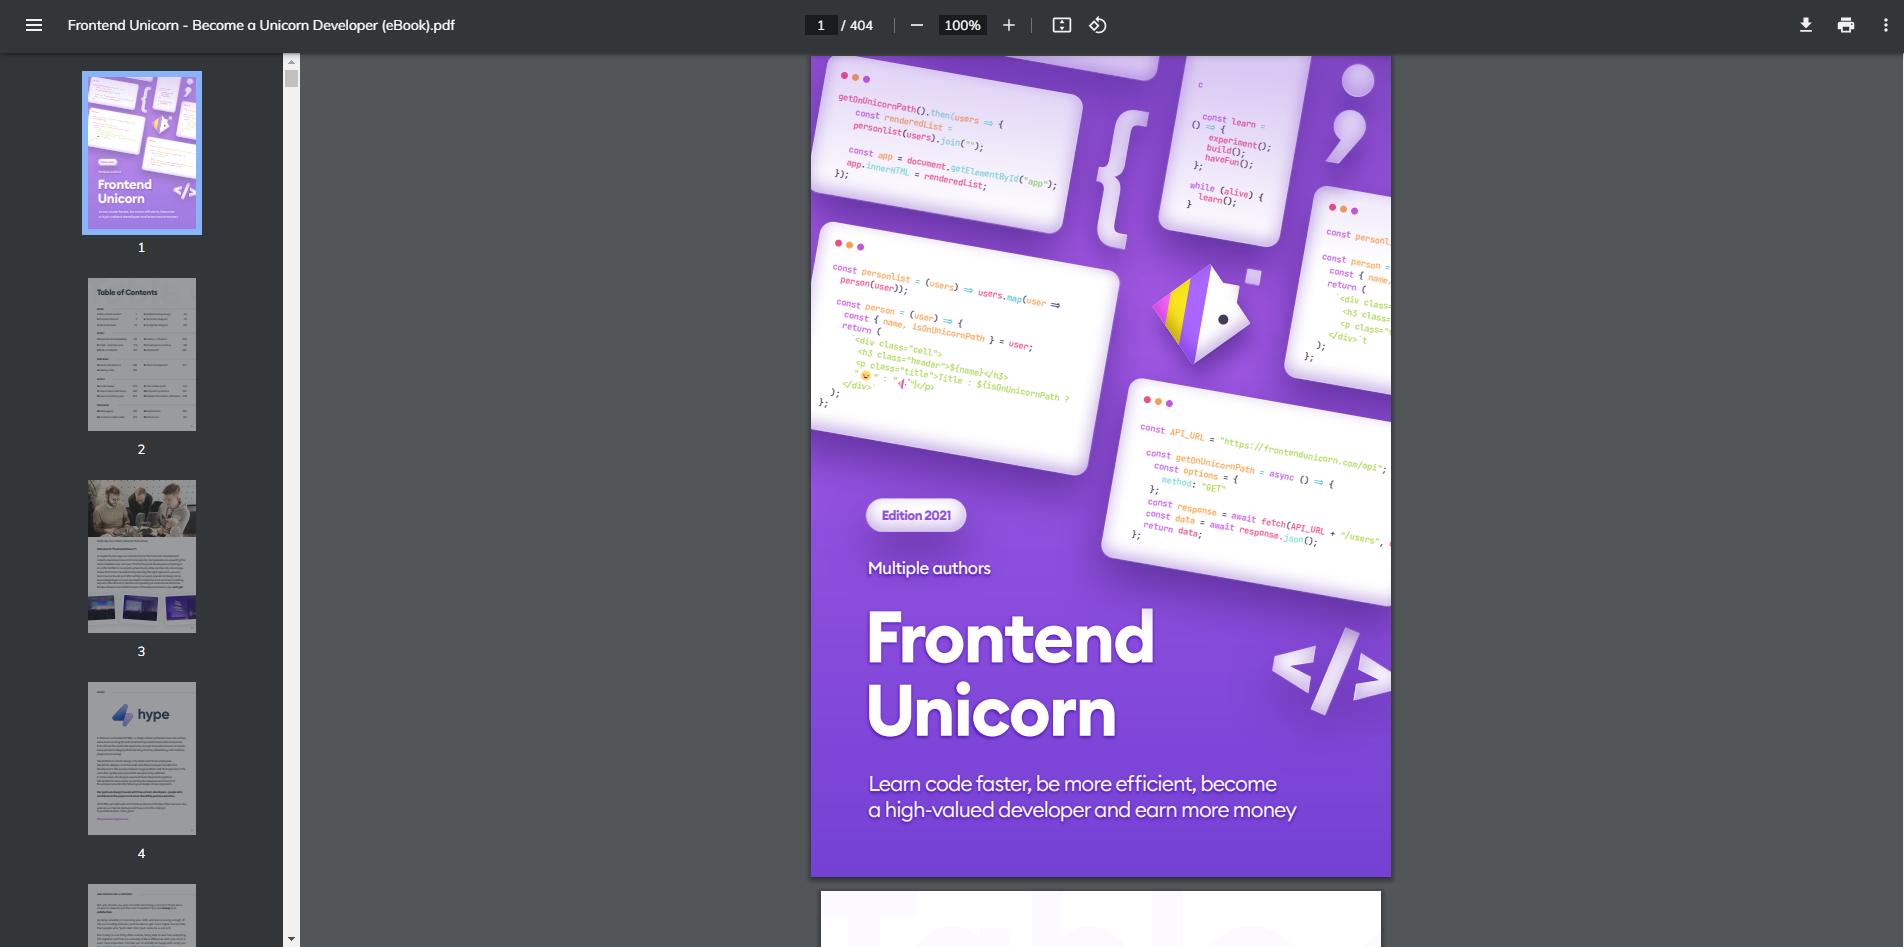 Frontend Unicorn - Become a Unicorn Developer (eBook)